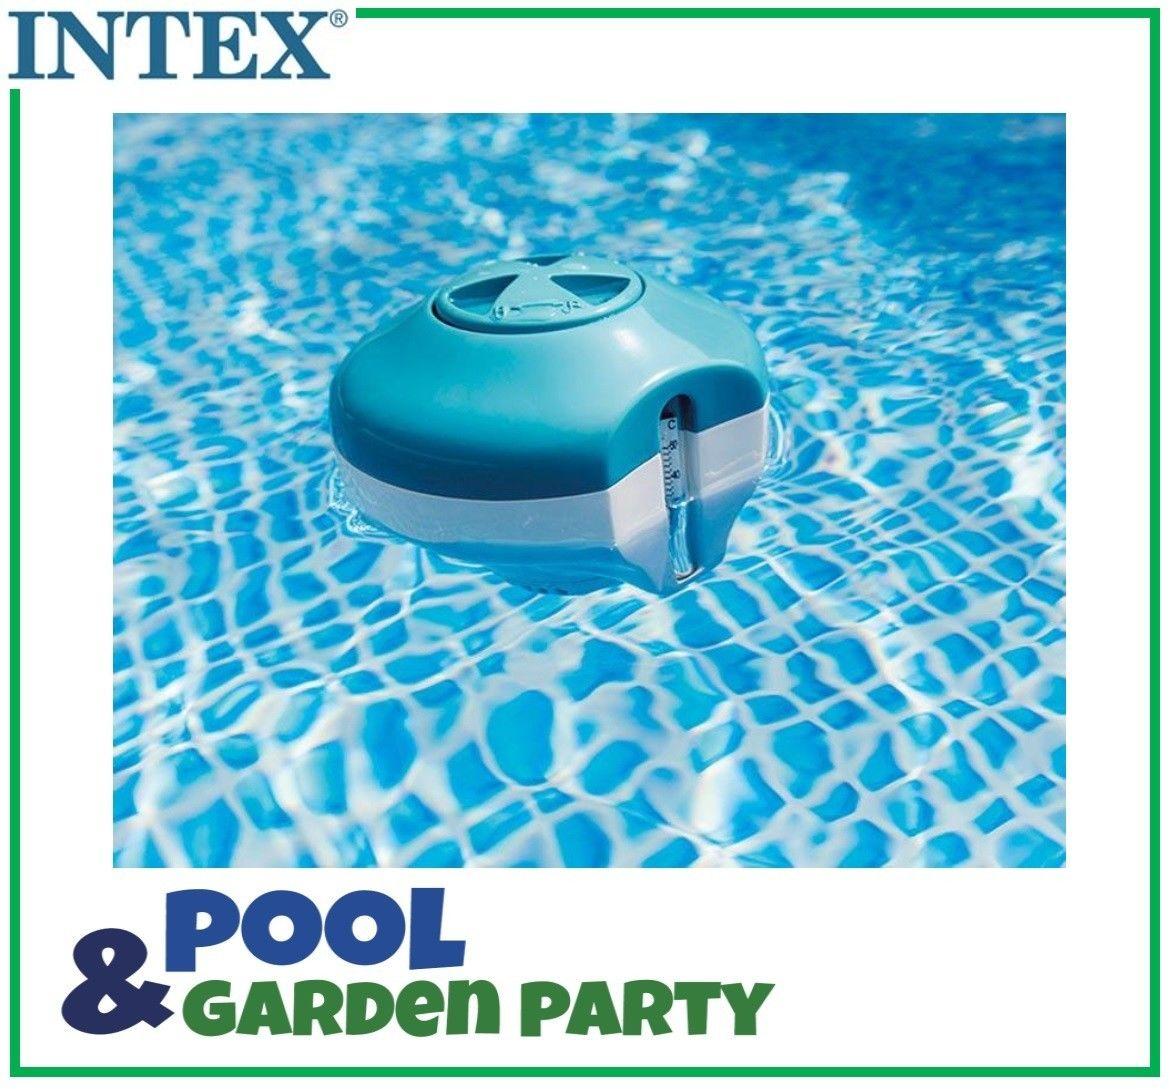 Pływający dozownik chemiczny INTEX 29043